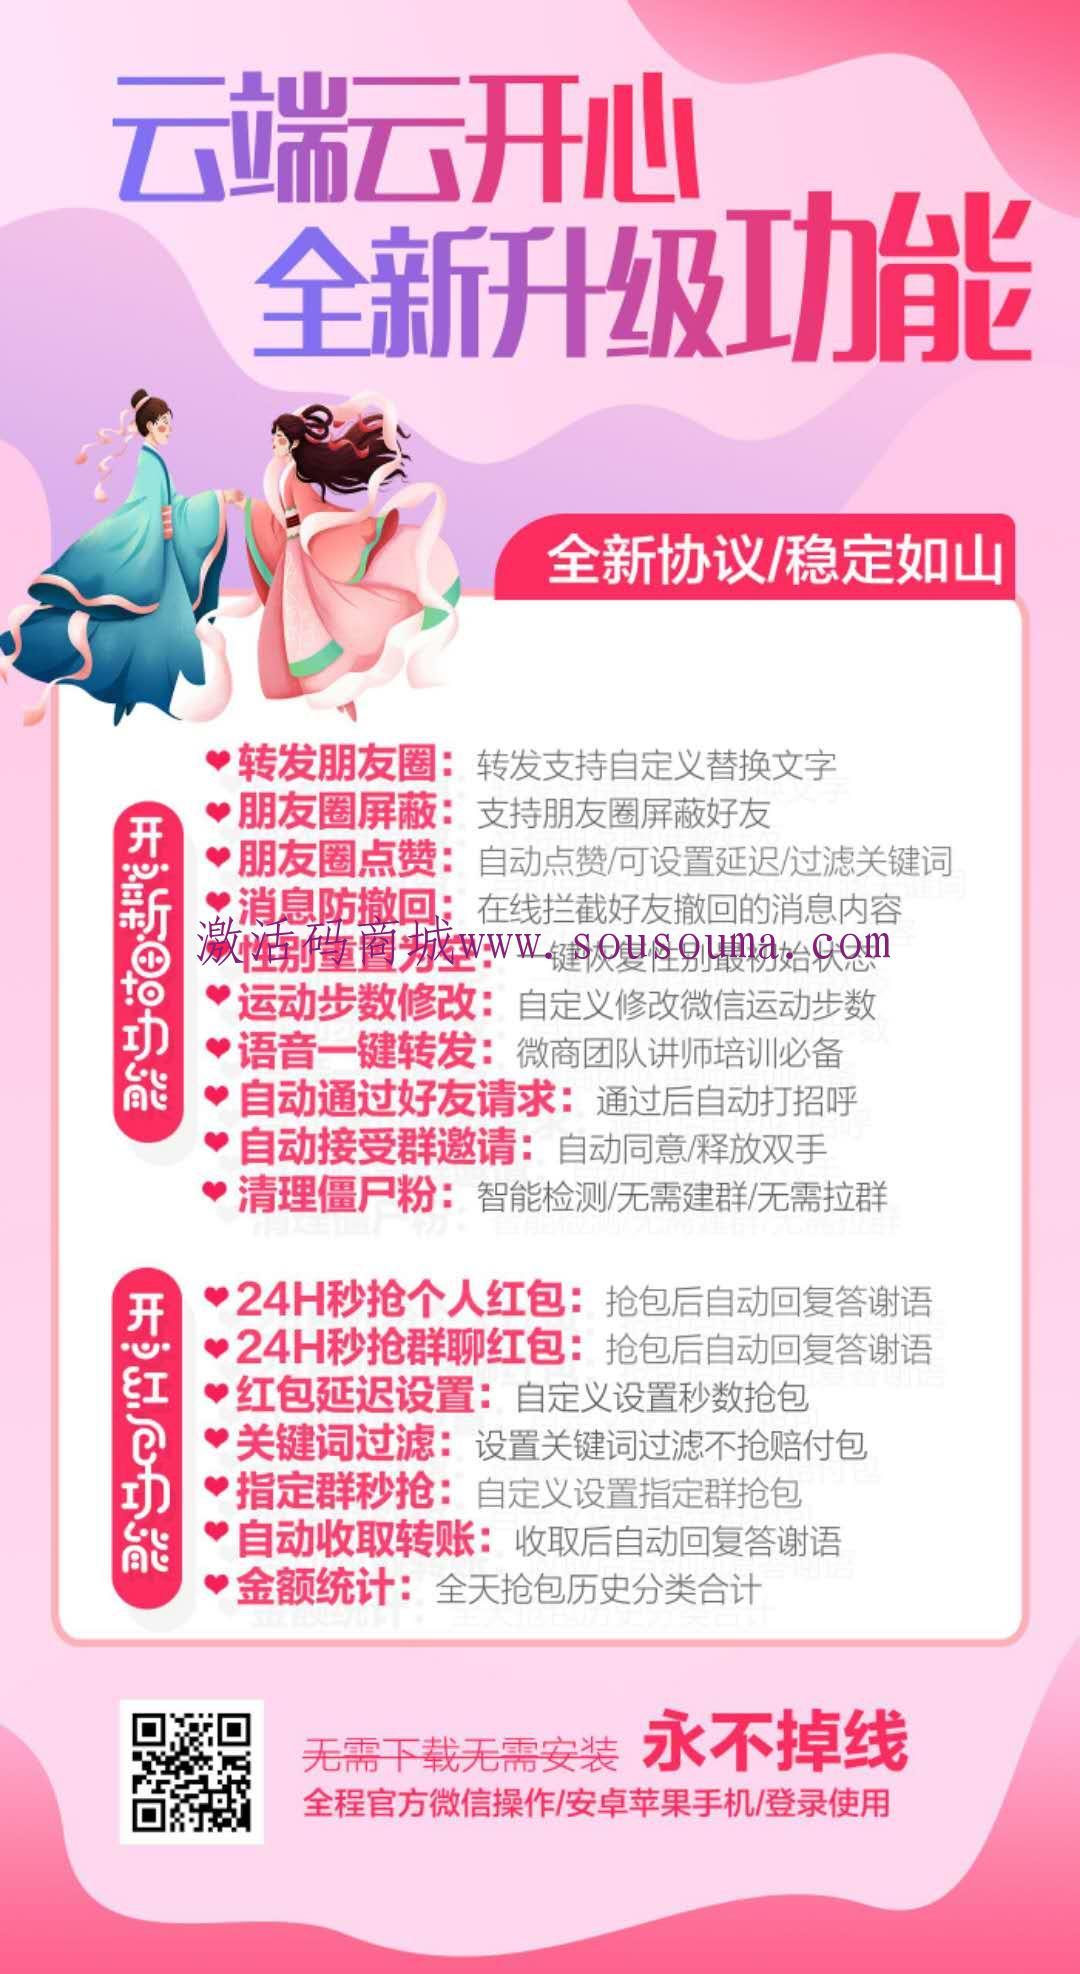 【云开心秒抢】更新10大功能抢红包转发朋友圈等等